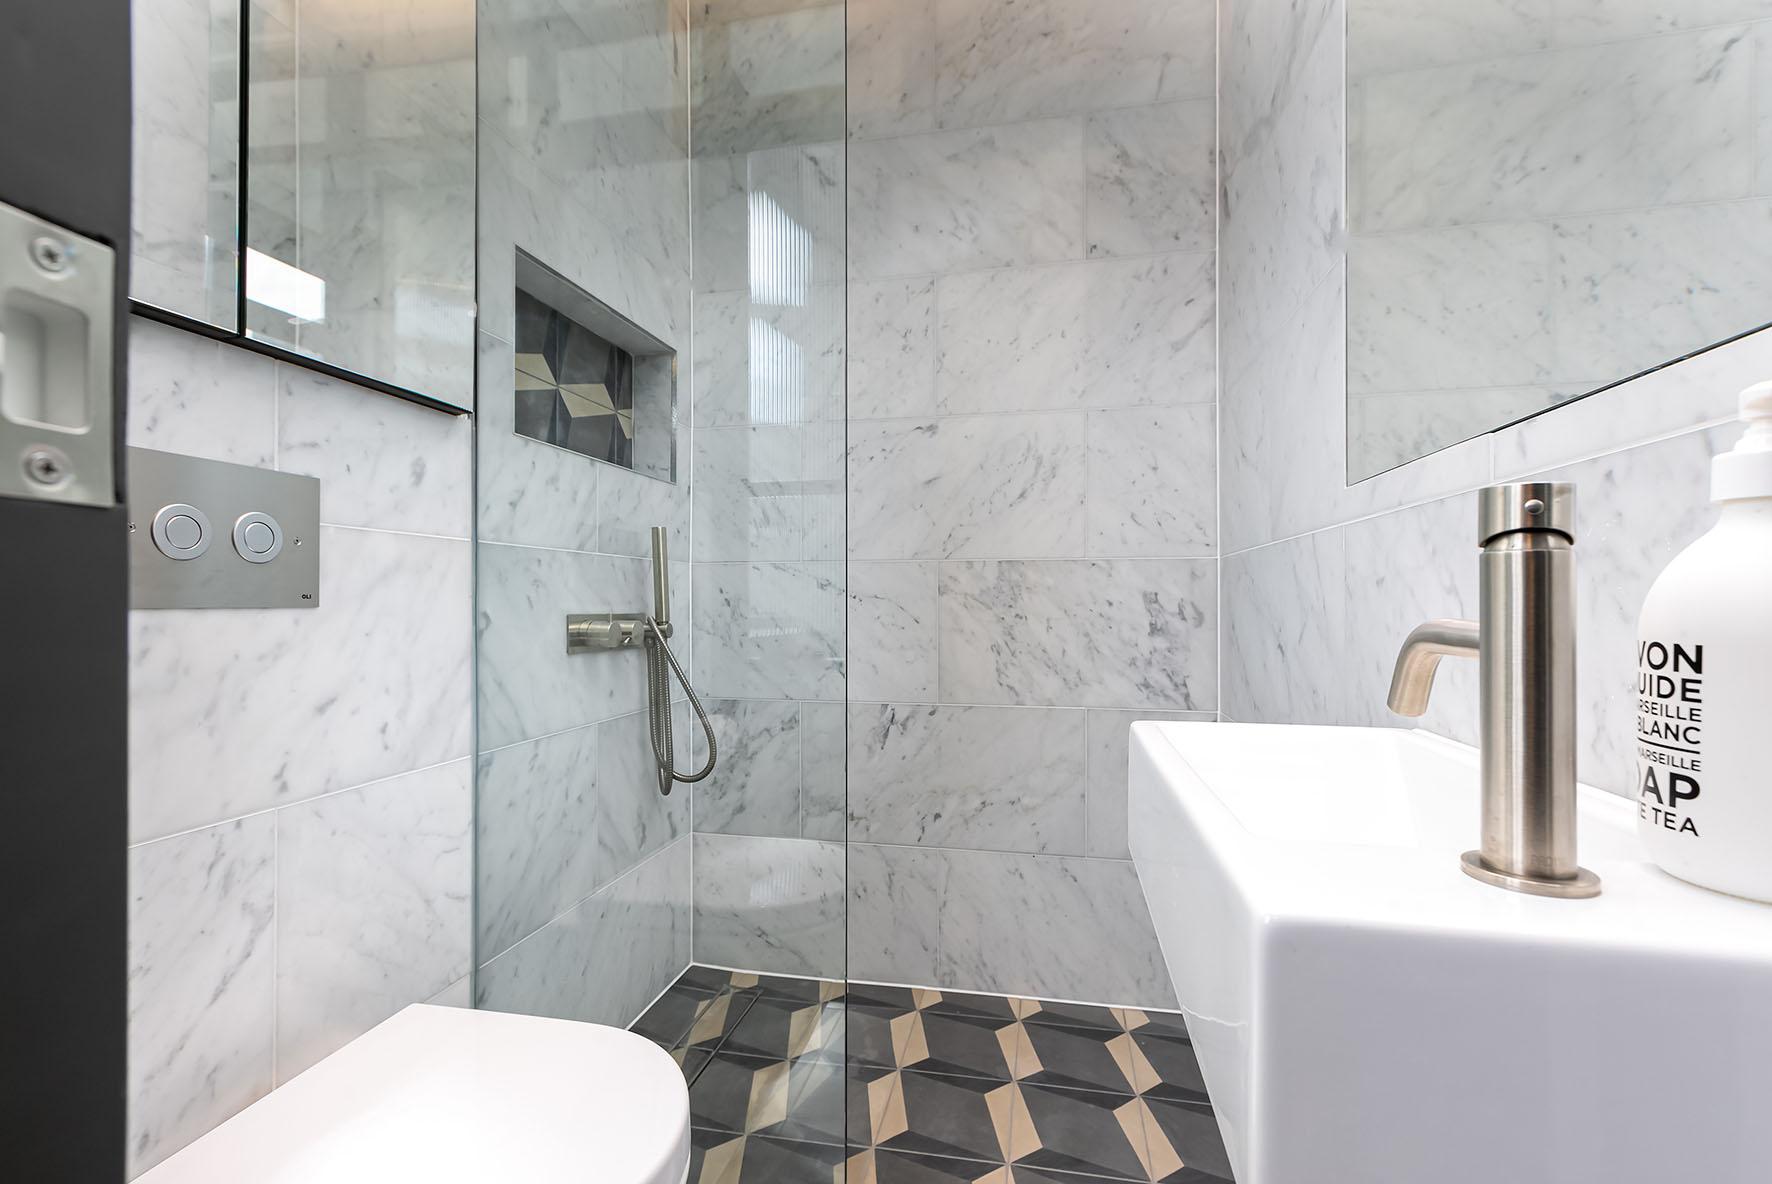 Lovelydays luxury service apartment rental - London - Soho - Oxford Street IV - Lovelysuite - 2 bedrooms - 2 bathrooms - Lovely shower - f76760176031 - Lovelydays